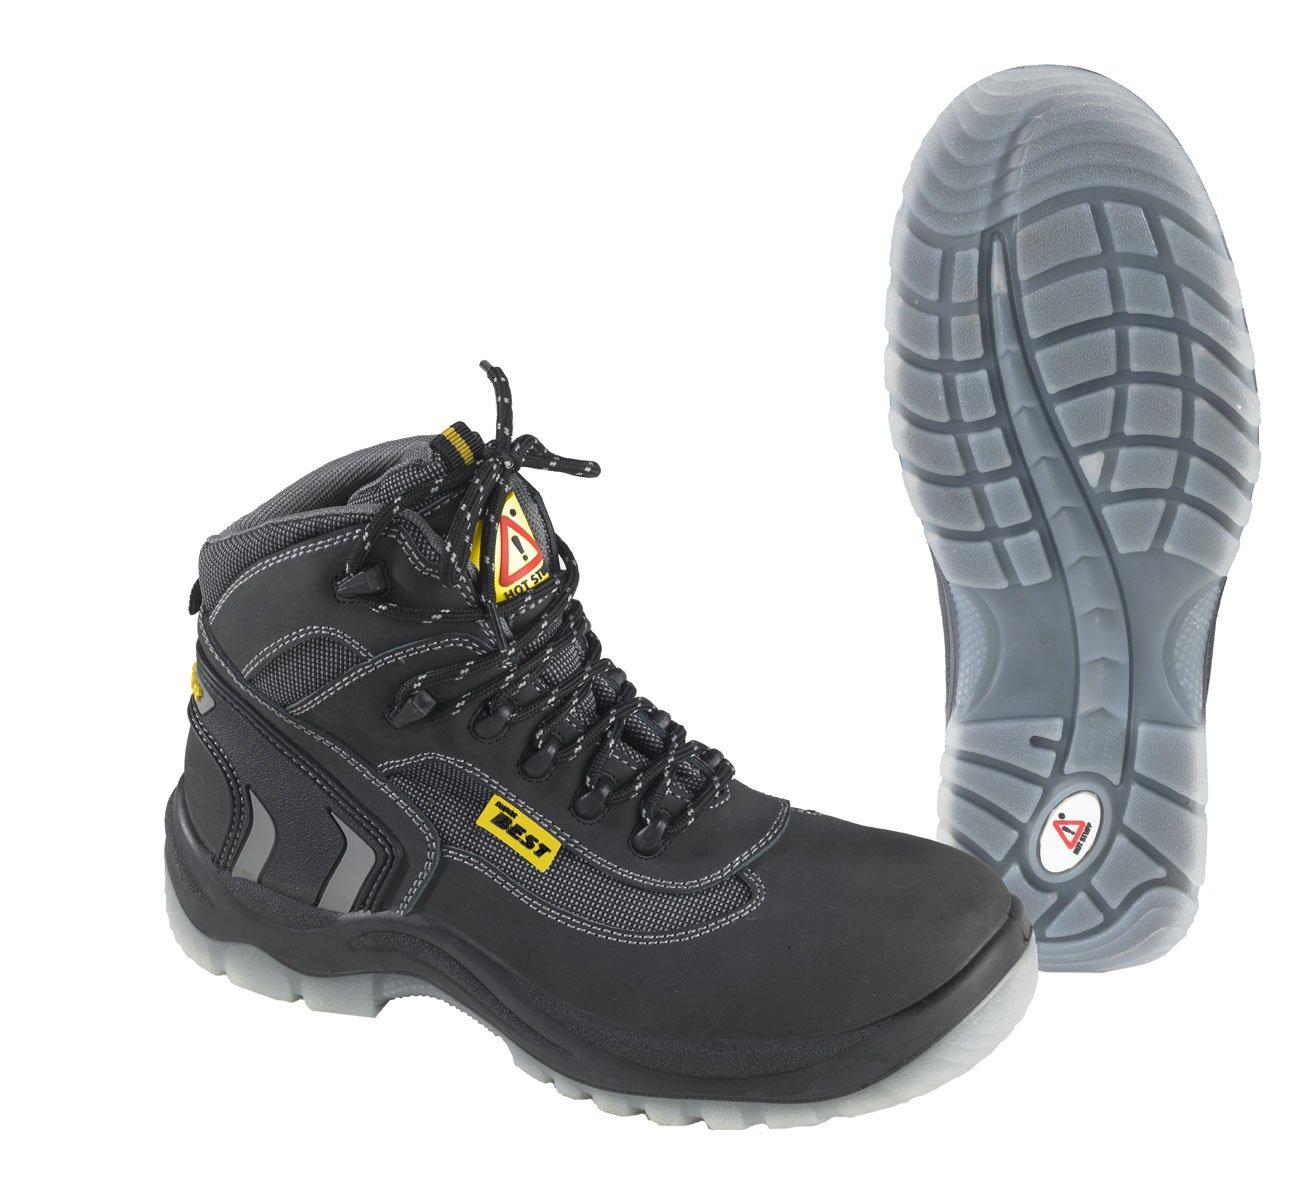 245e4bf06f Seba Seba Seba 699 CE Schuh hohe, Schwarz S3, Größe 46 924b78 ...